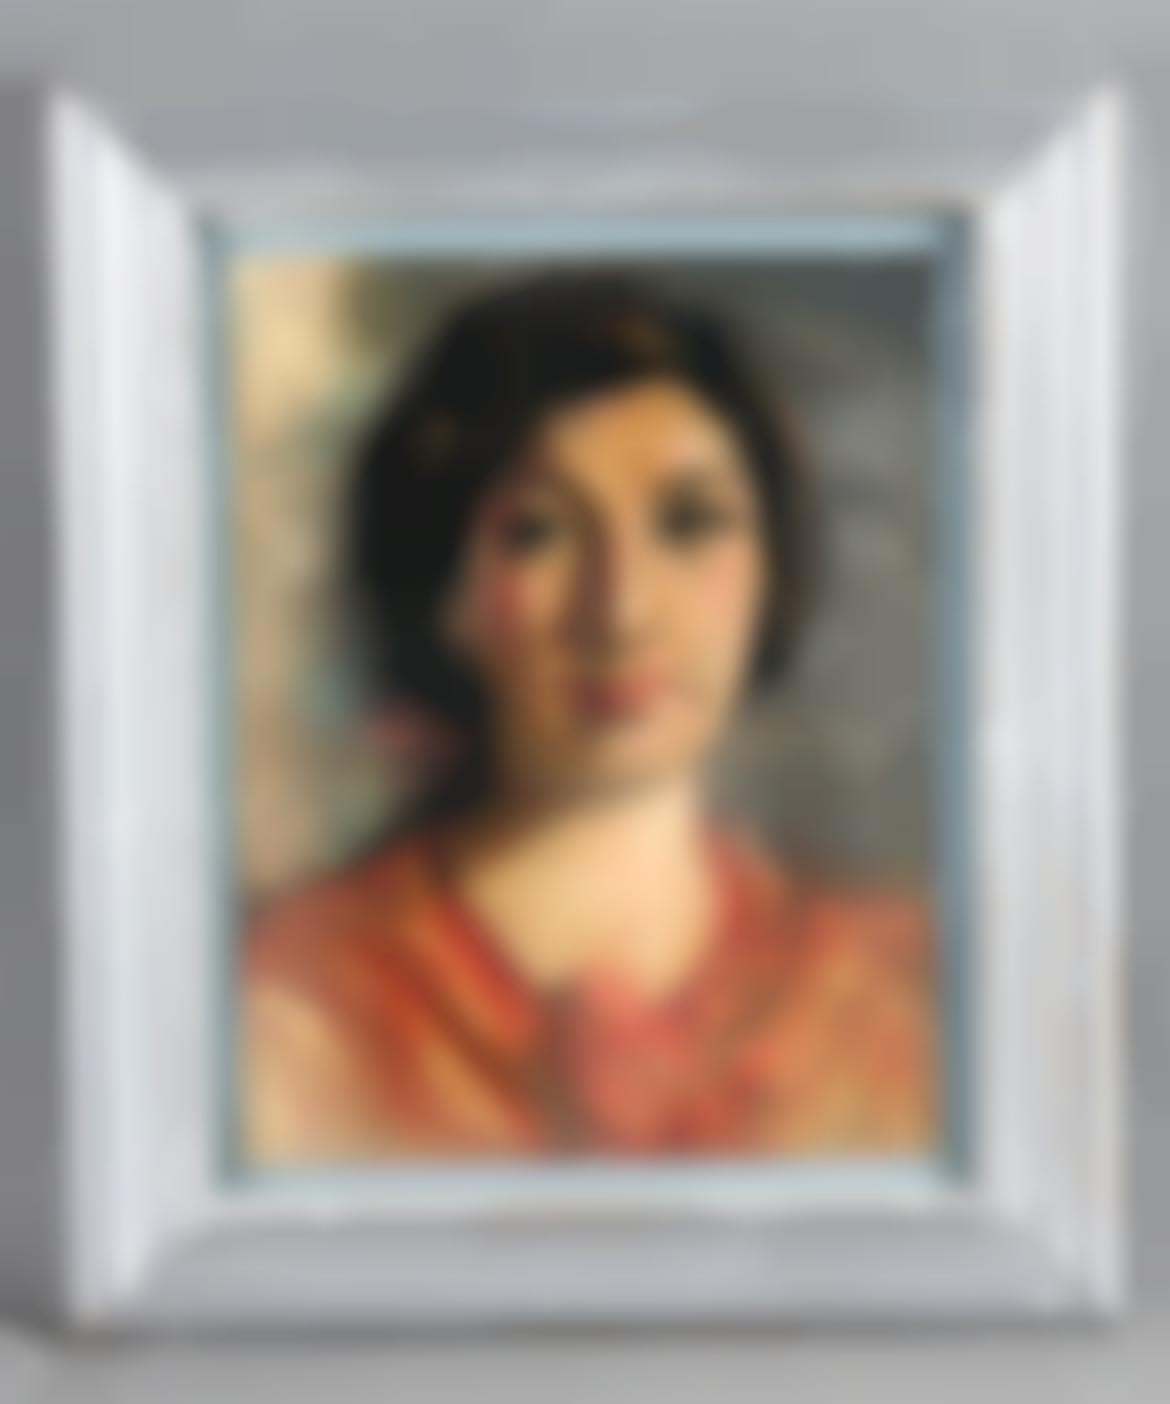 Denis Belgrano, Jose - Portrait of a Woman-